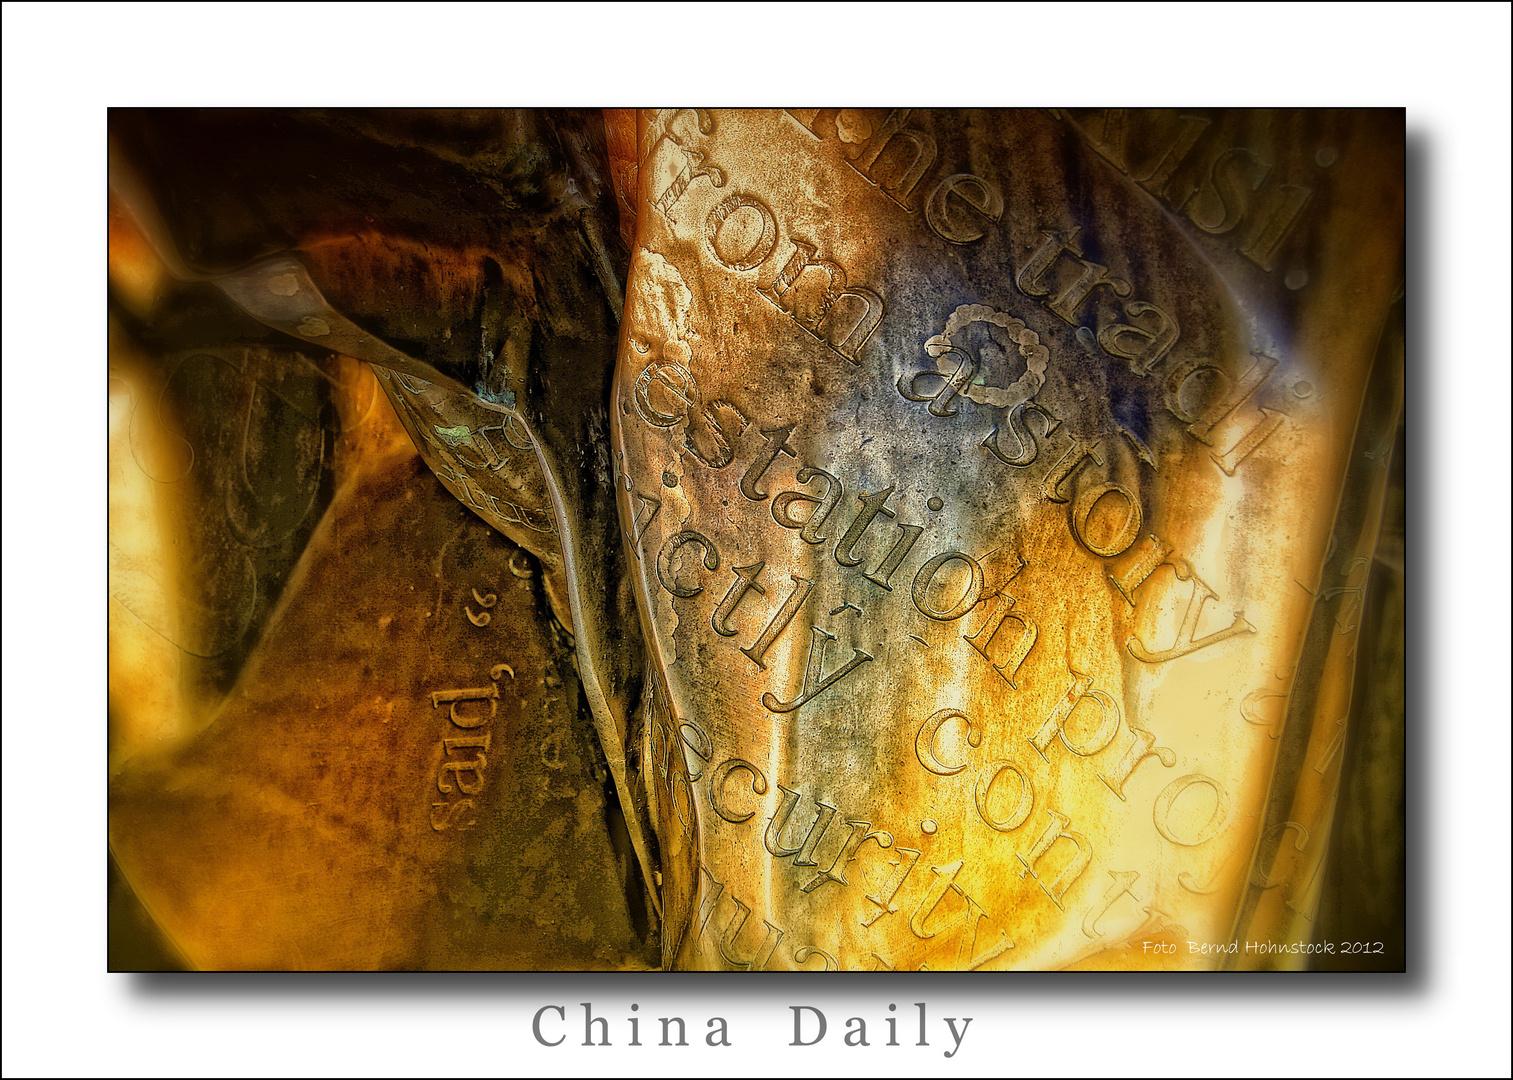 Skulpturensammlung Viersen  .....  China Daily